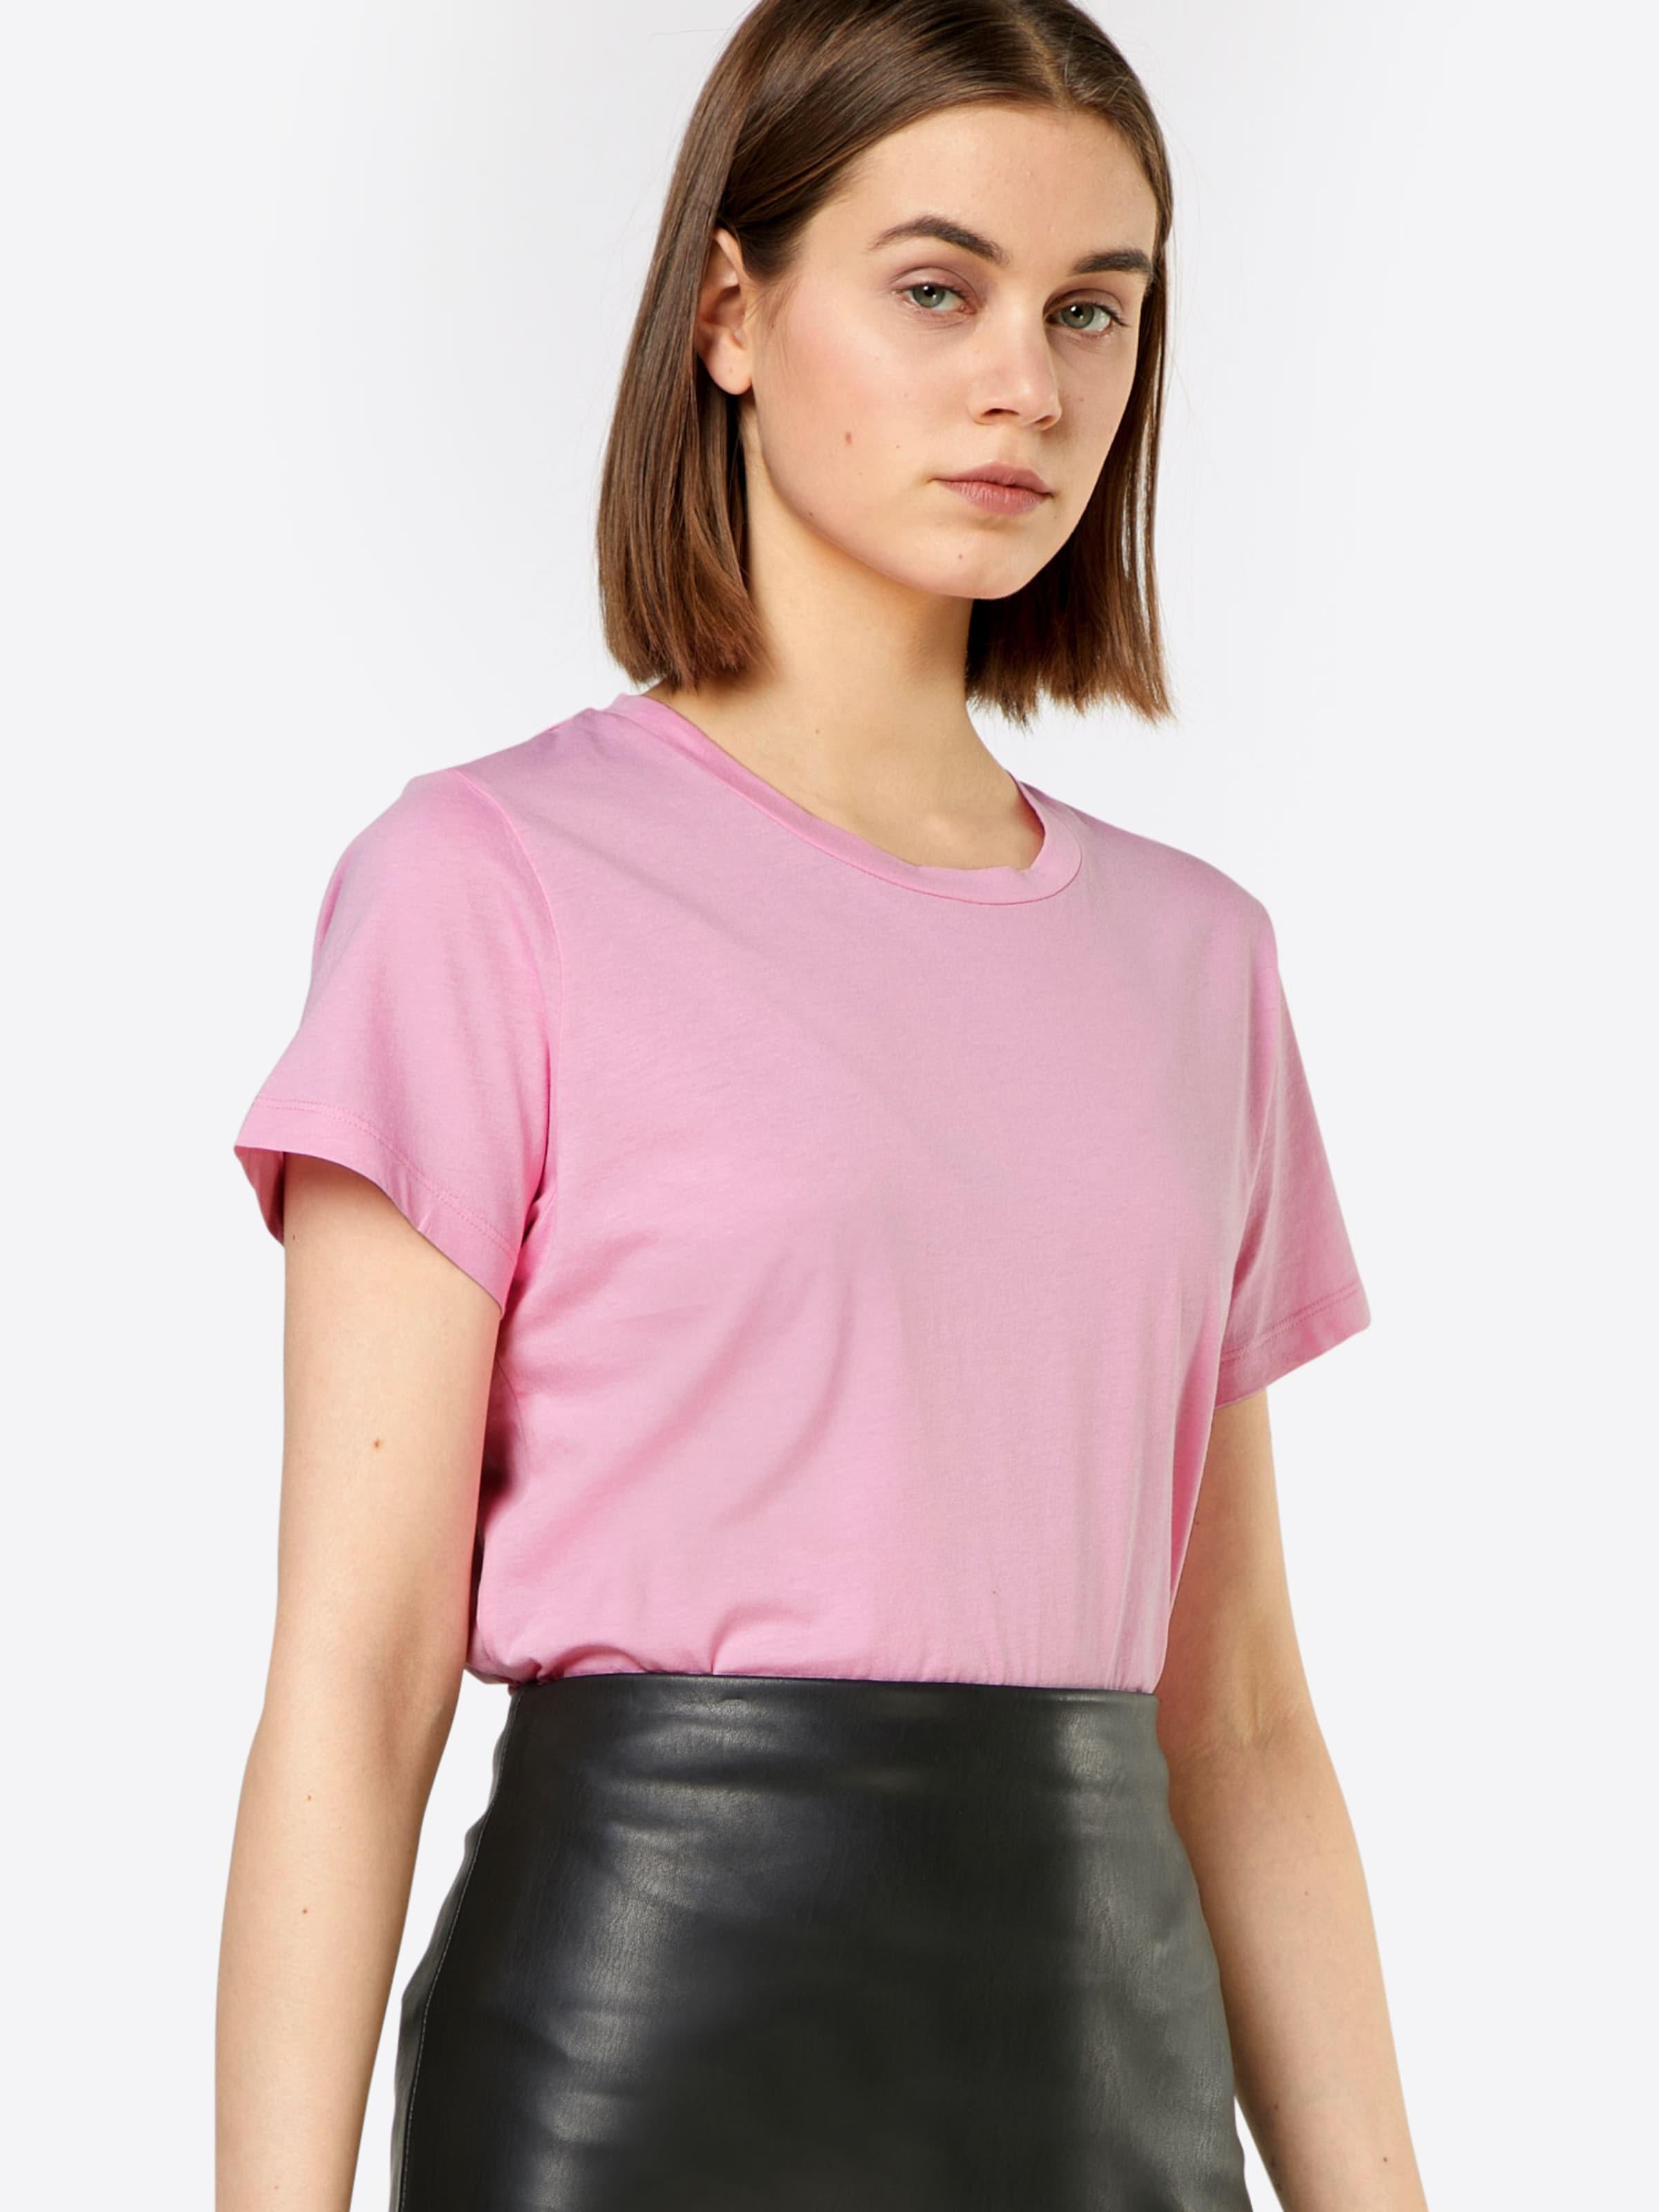 Verkauf Wie Viel Billig Verkauf Finden Große Samsoe & Samsoe T-Shirt 'Solly solid' Die Besten Preise Günstig Online Billigshop ABf1A